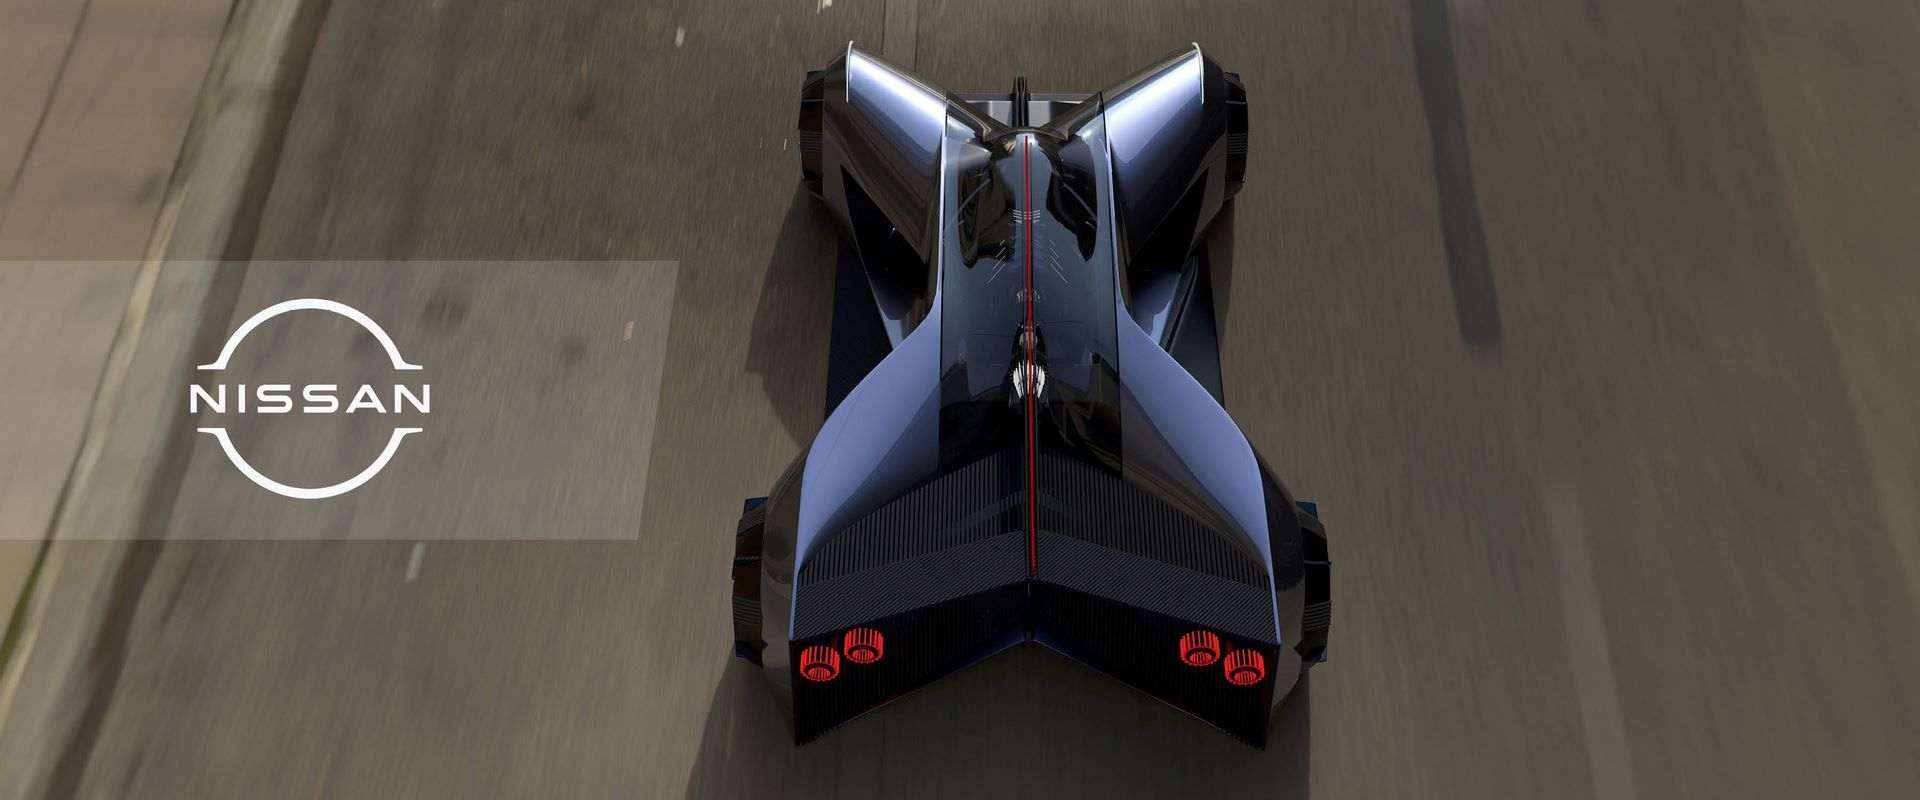 Nissan-GT-R-X-2050-Concept-25